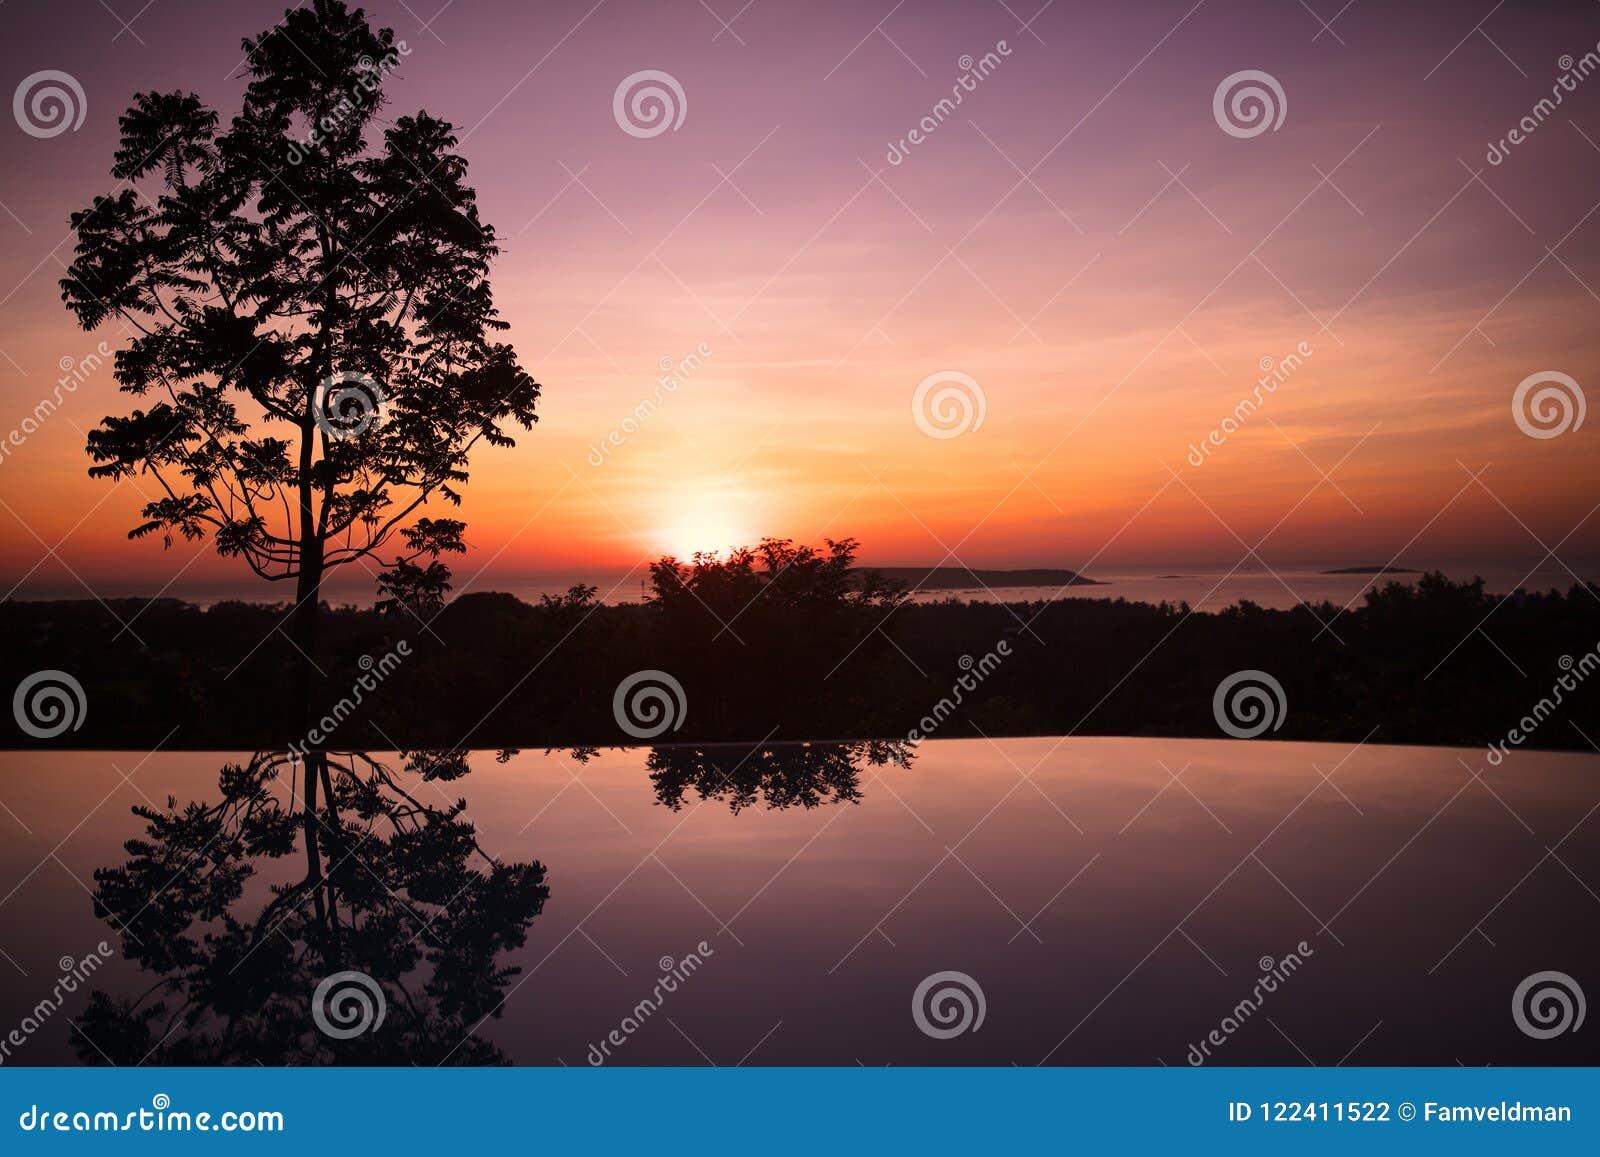 Пейзажный бассейн тропического курорта на заходе солнца